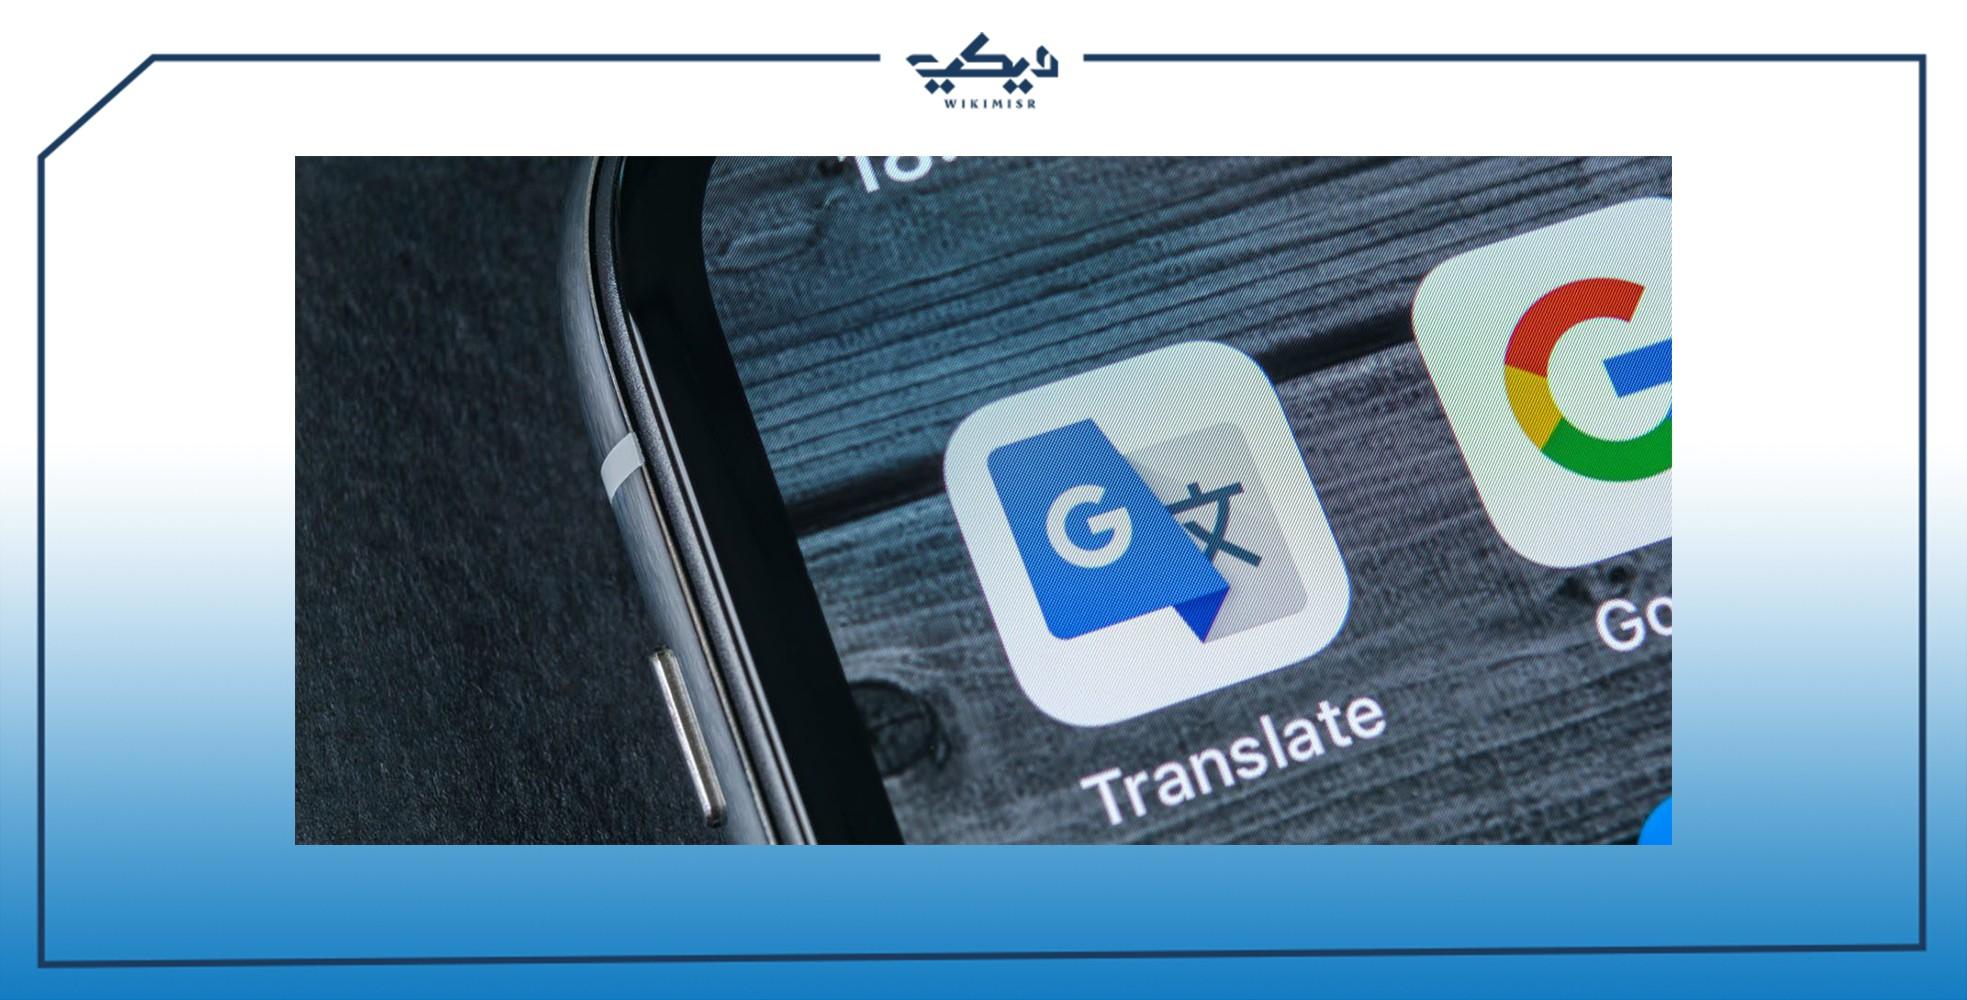 خدمة Google translate